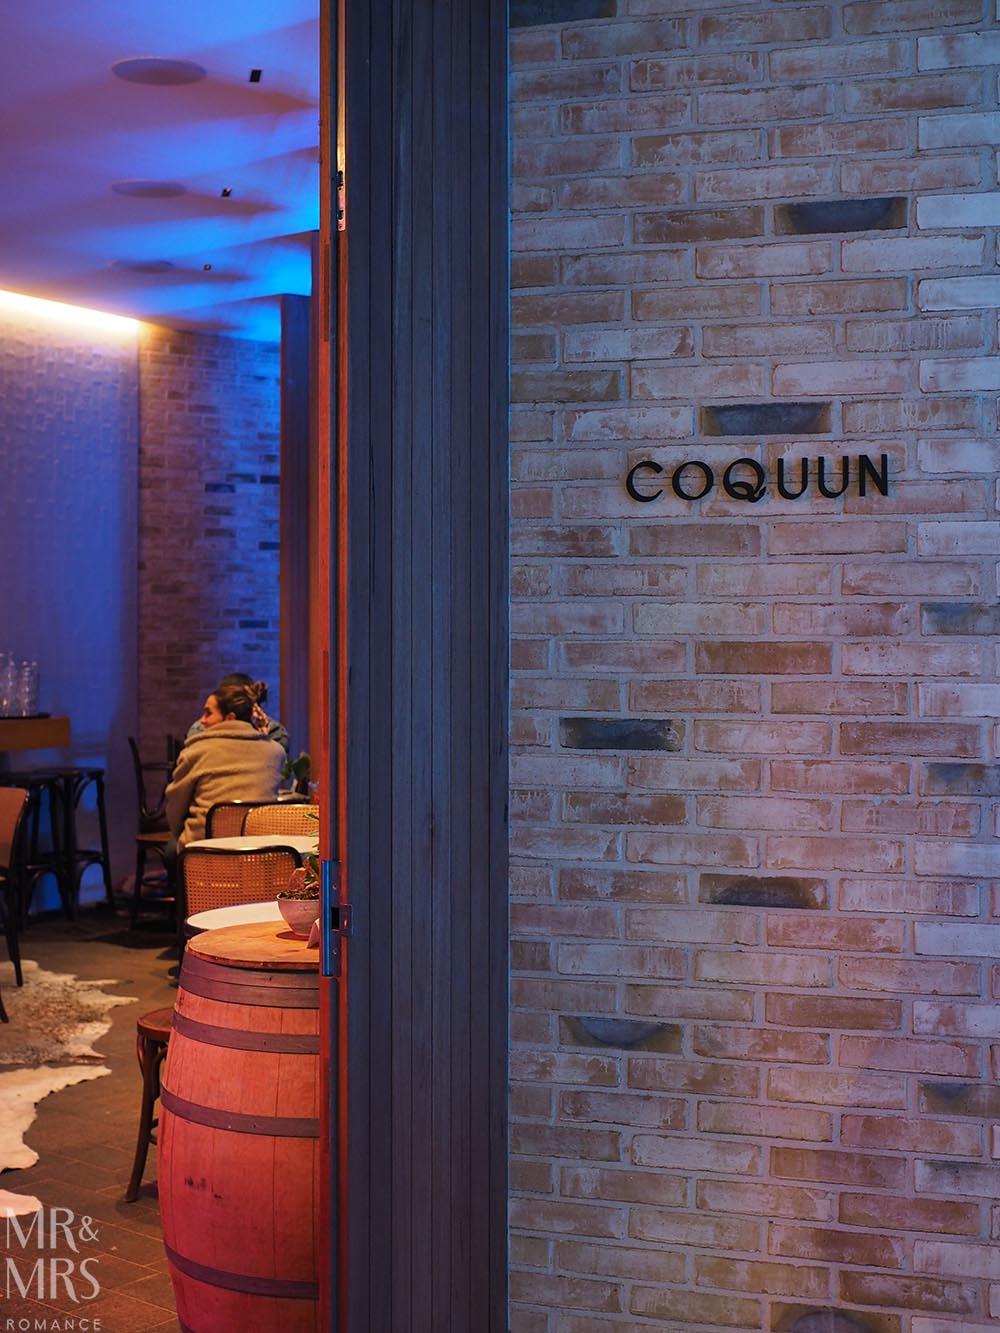 Coquun, Maitland - front door